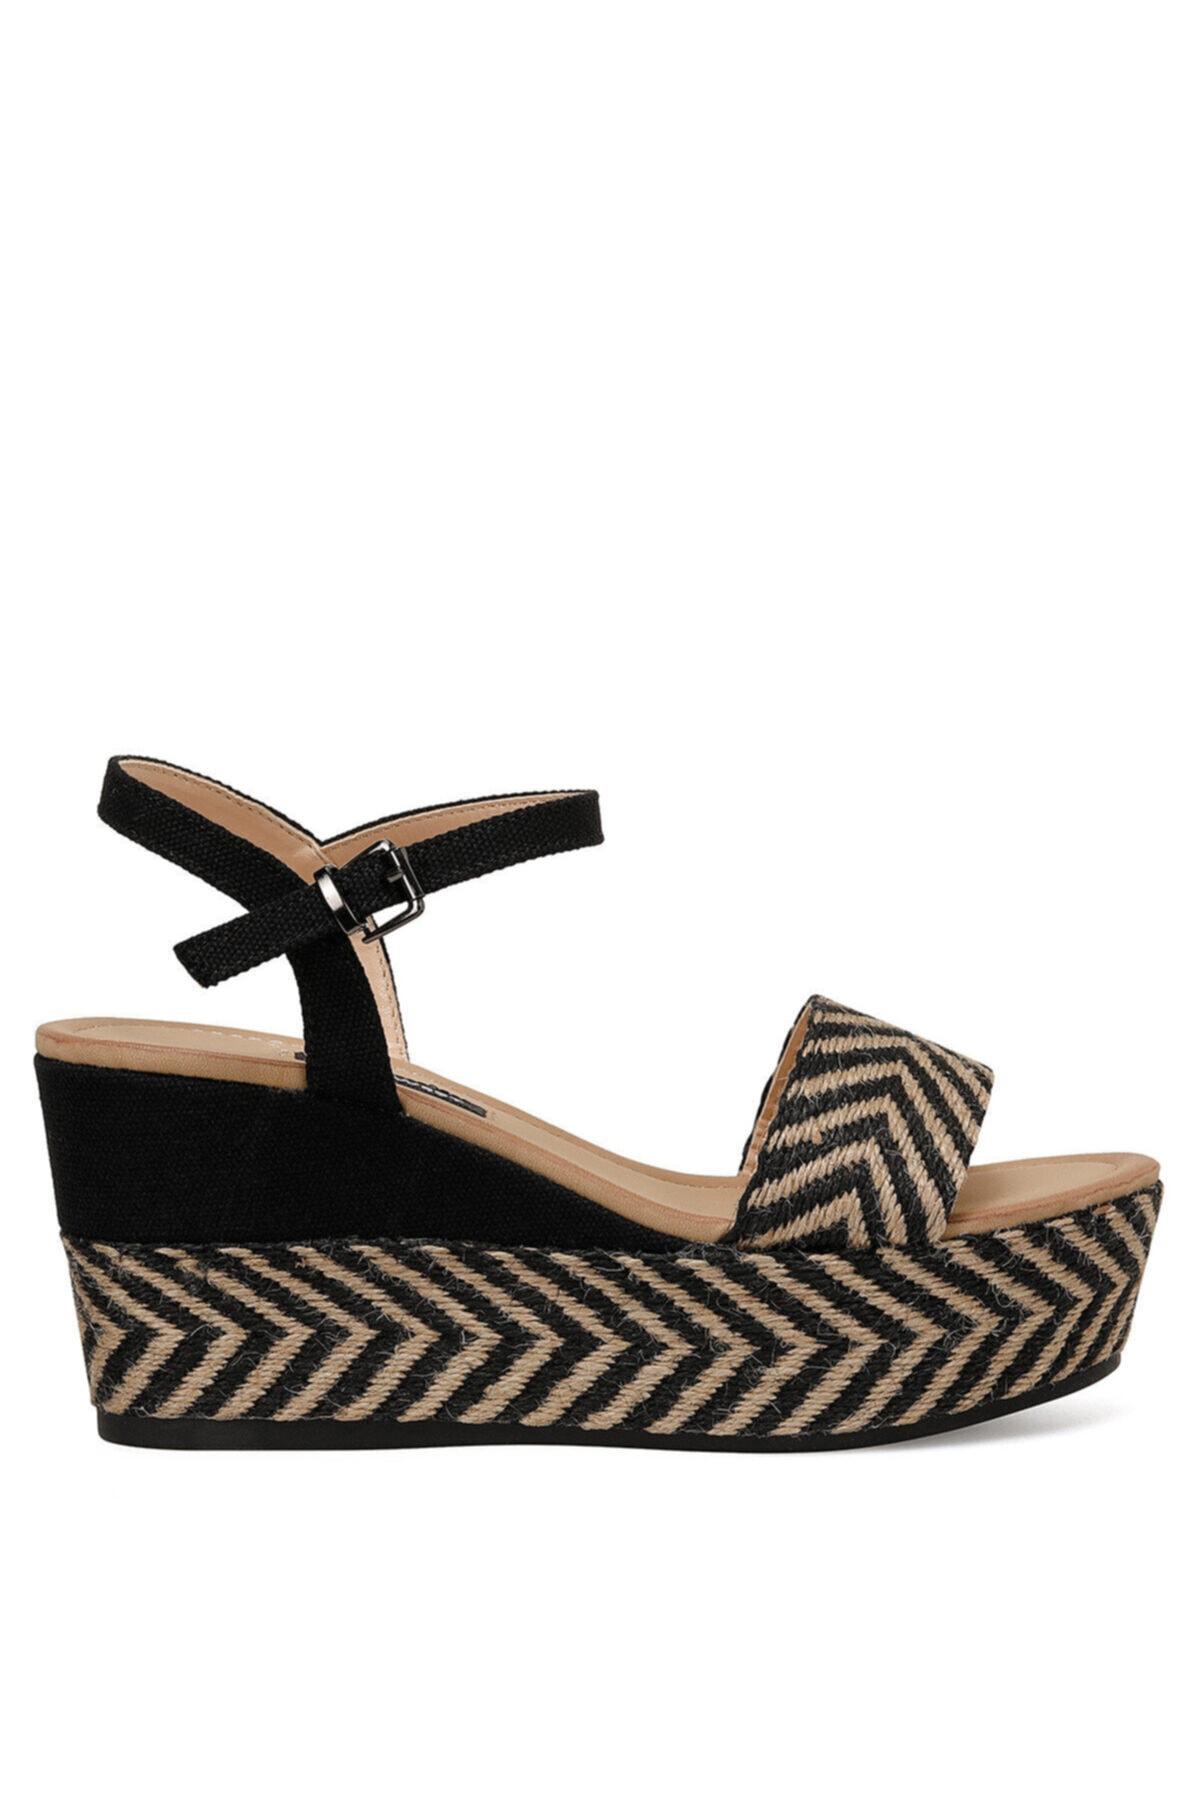 Nine West NORMA Siyah Kadın Dolgu Topuklu Sandalet 100524807 1